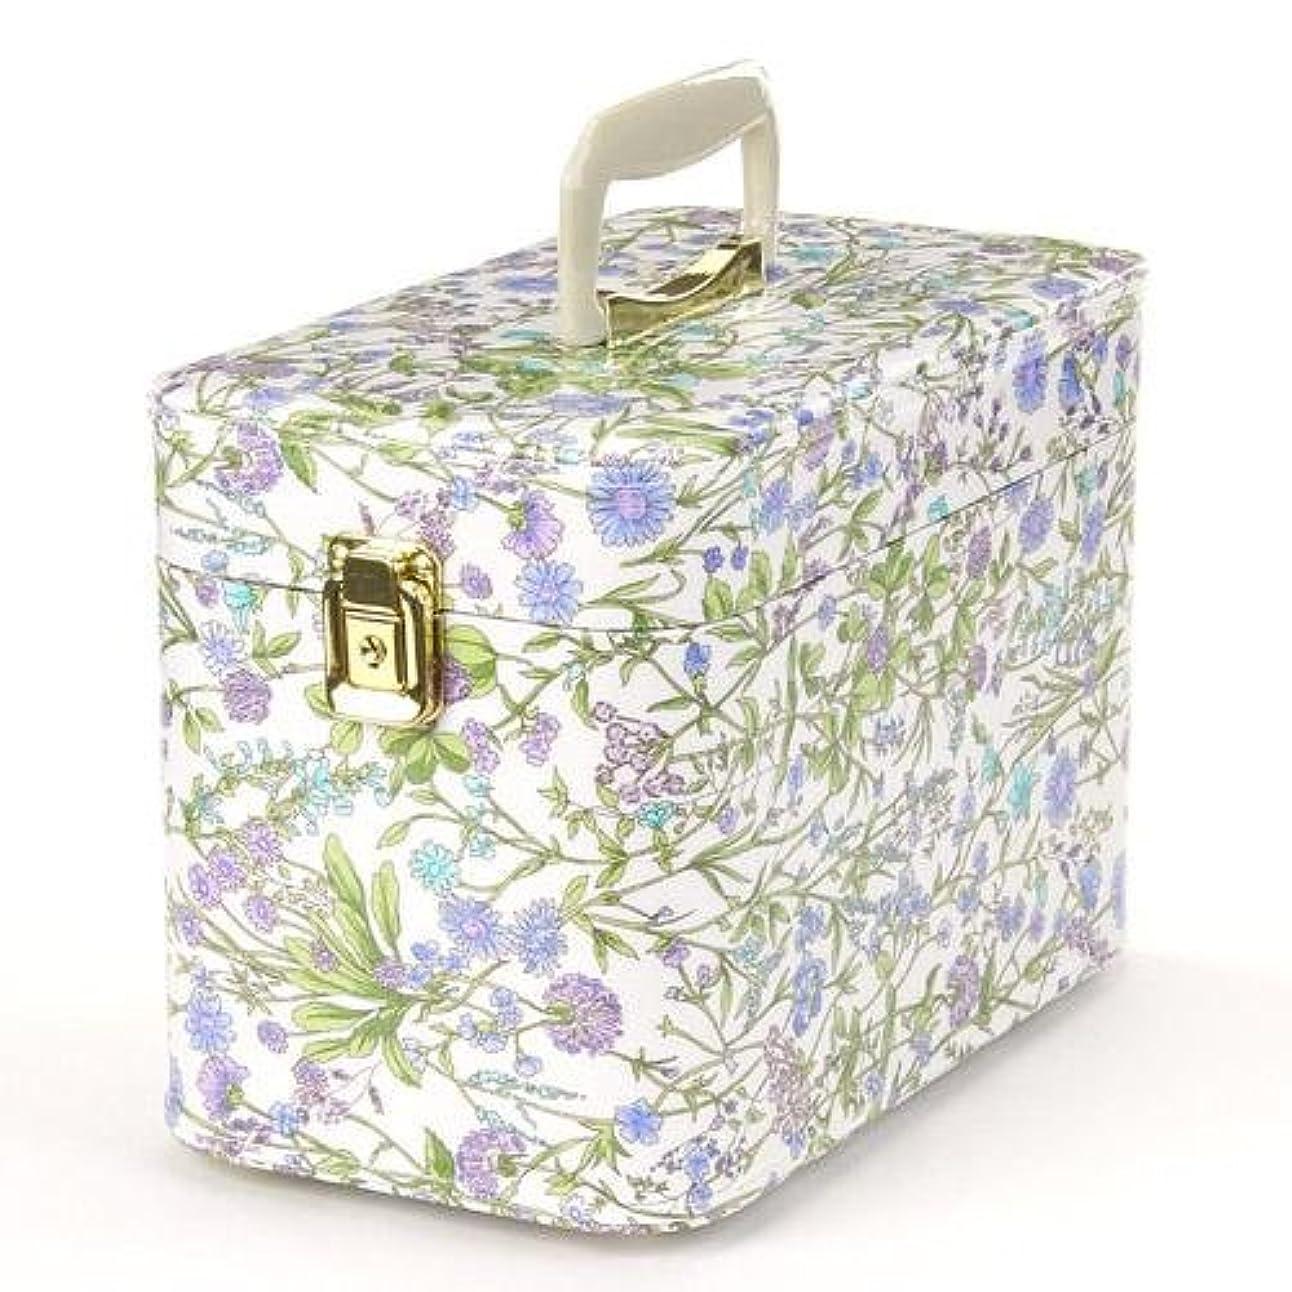 クロール噂延ばす日本製 メイクボックス (コスメボックス)ハーブガーデン 30cm スカイブルー トレンケース(鍵付き/コスメボックス)